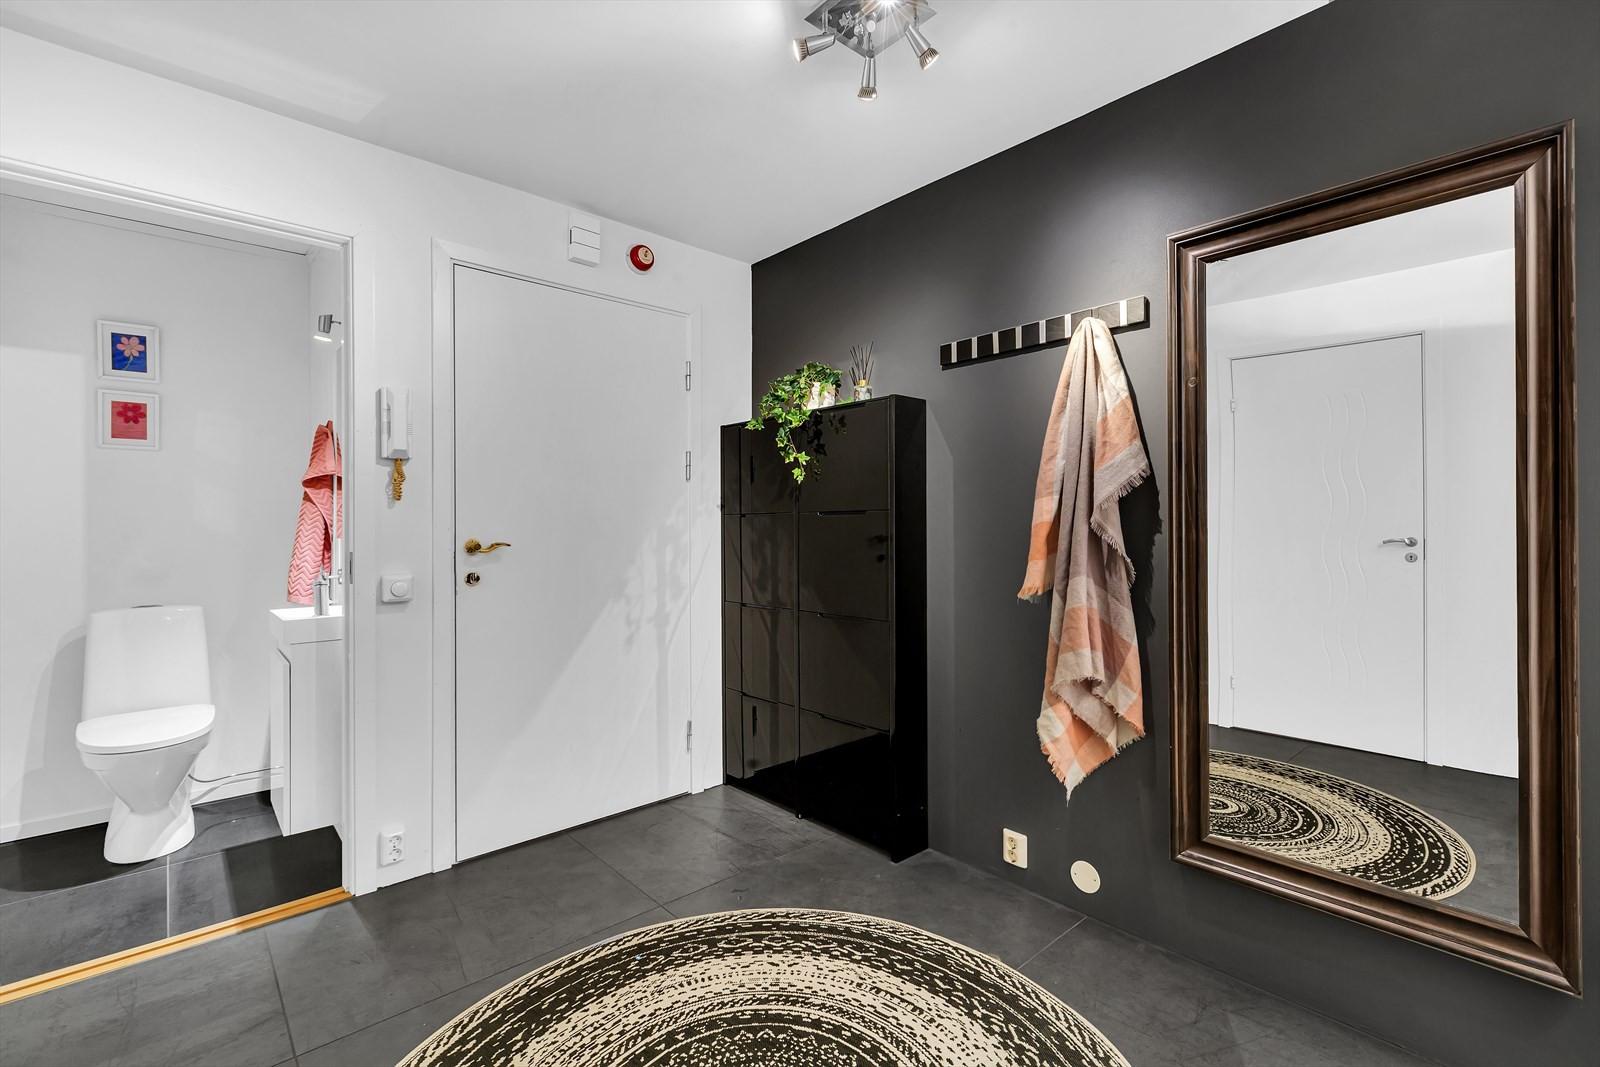 Stort inngangsparti / hall som leder til 2 soverom, stue, bad og WC